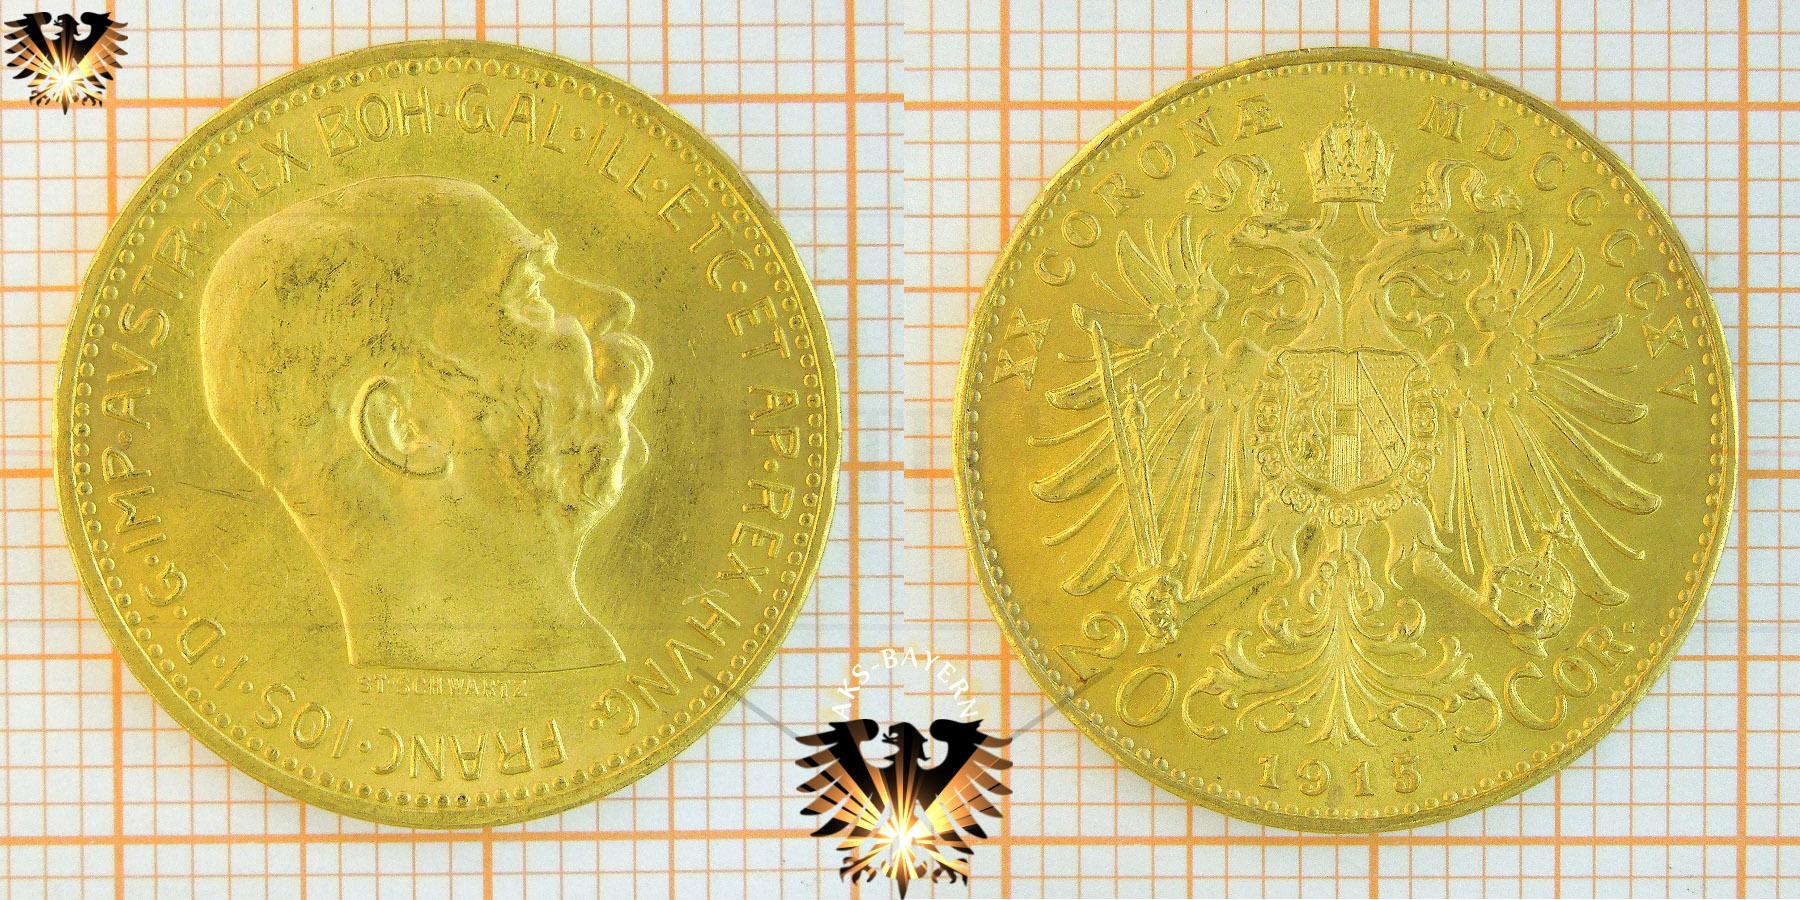 20 Kronen Coronae 1915 österreich Kaiser Franz Joseph I Goldmünze